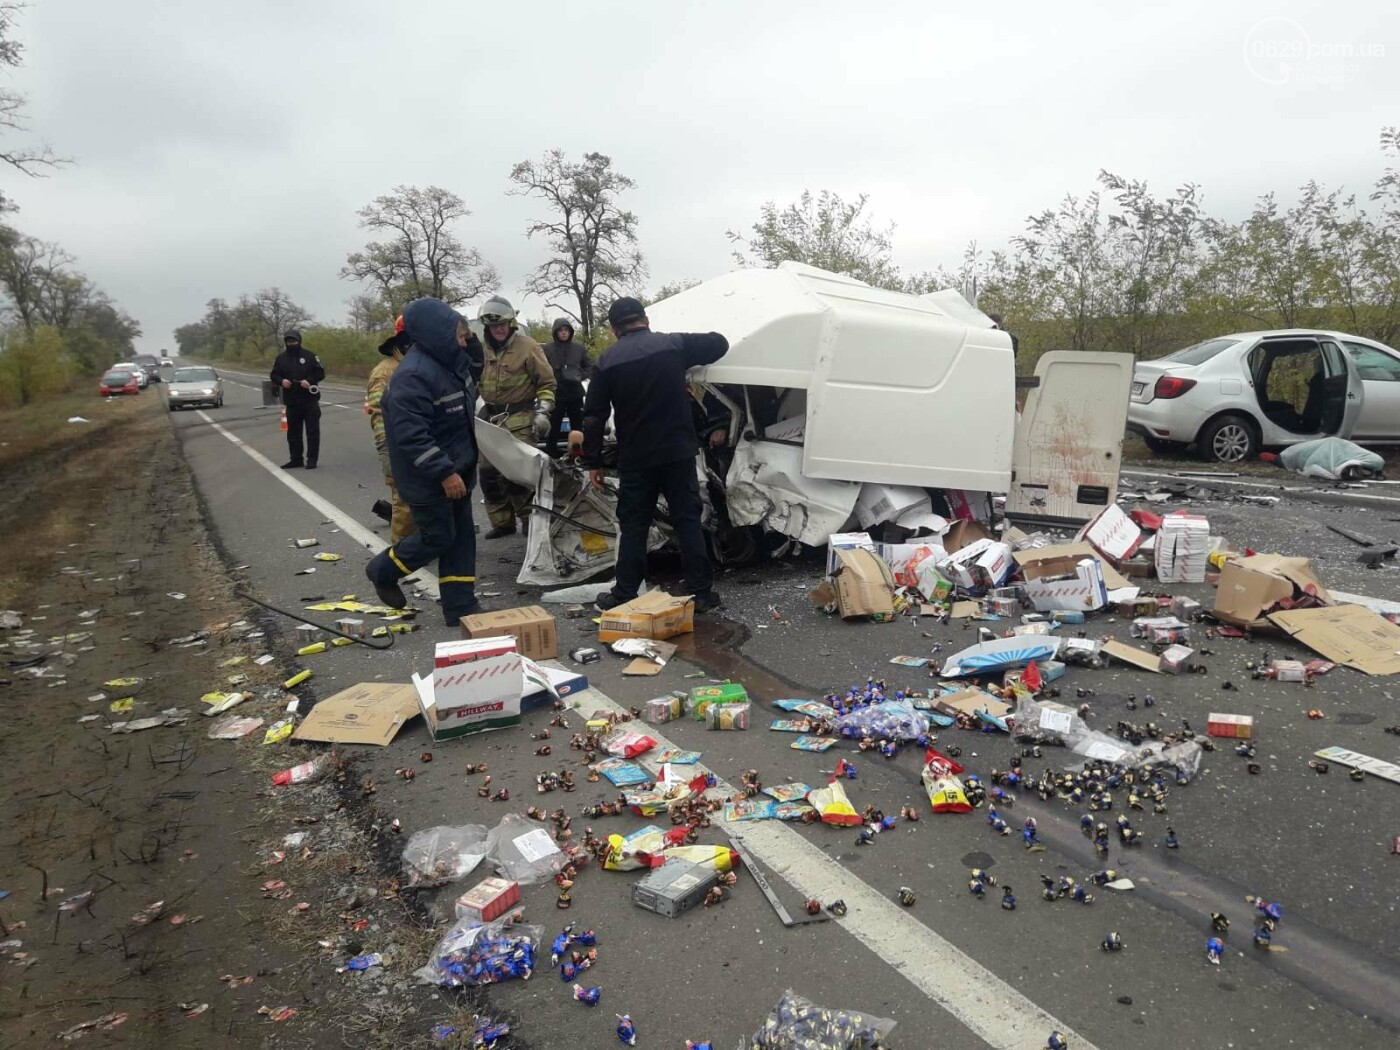 Автомобили вдребезги. В аварии на трассе под Мариуполем погибли два водителя, - ФОТО 18+, фото-5